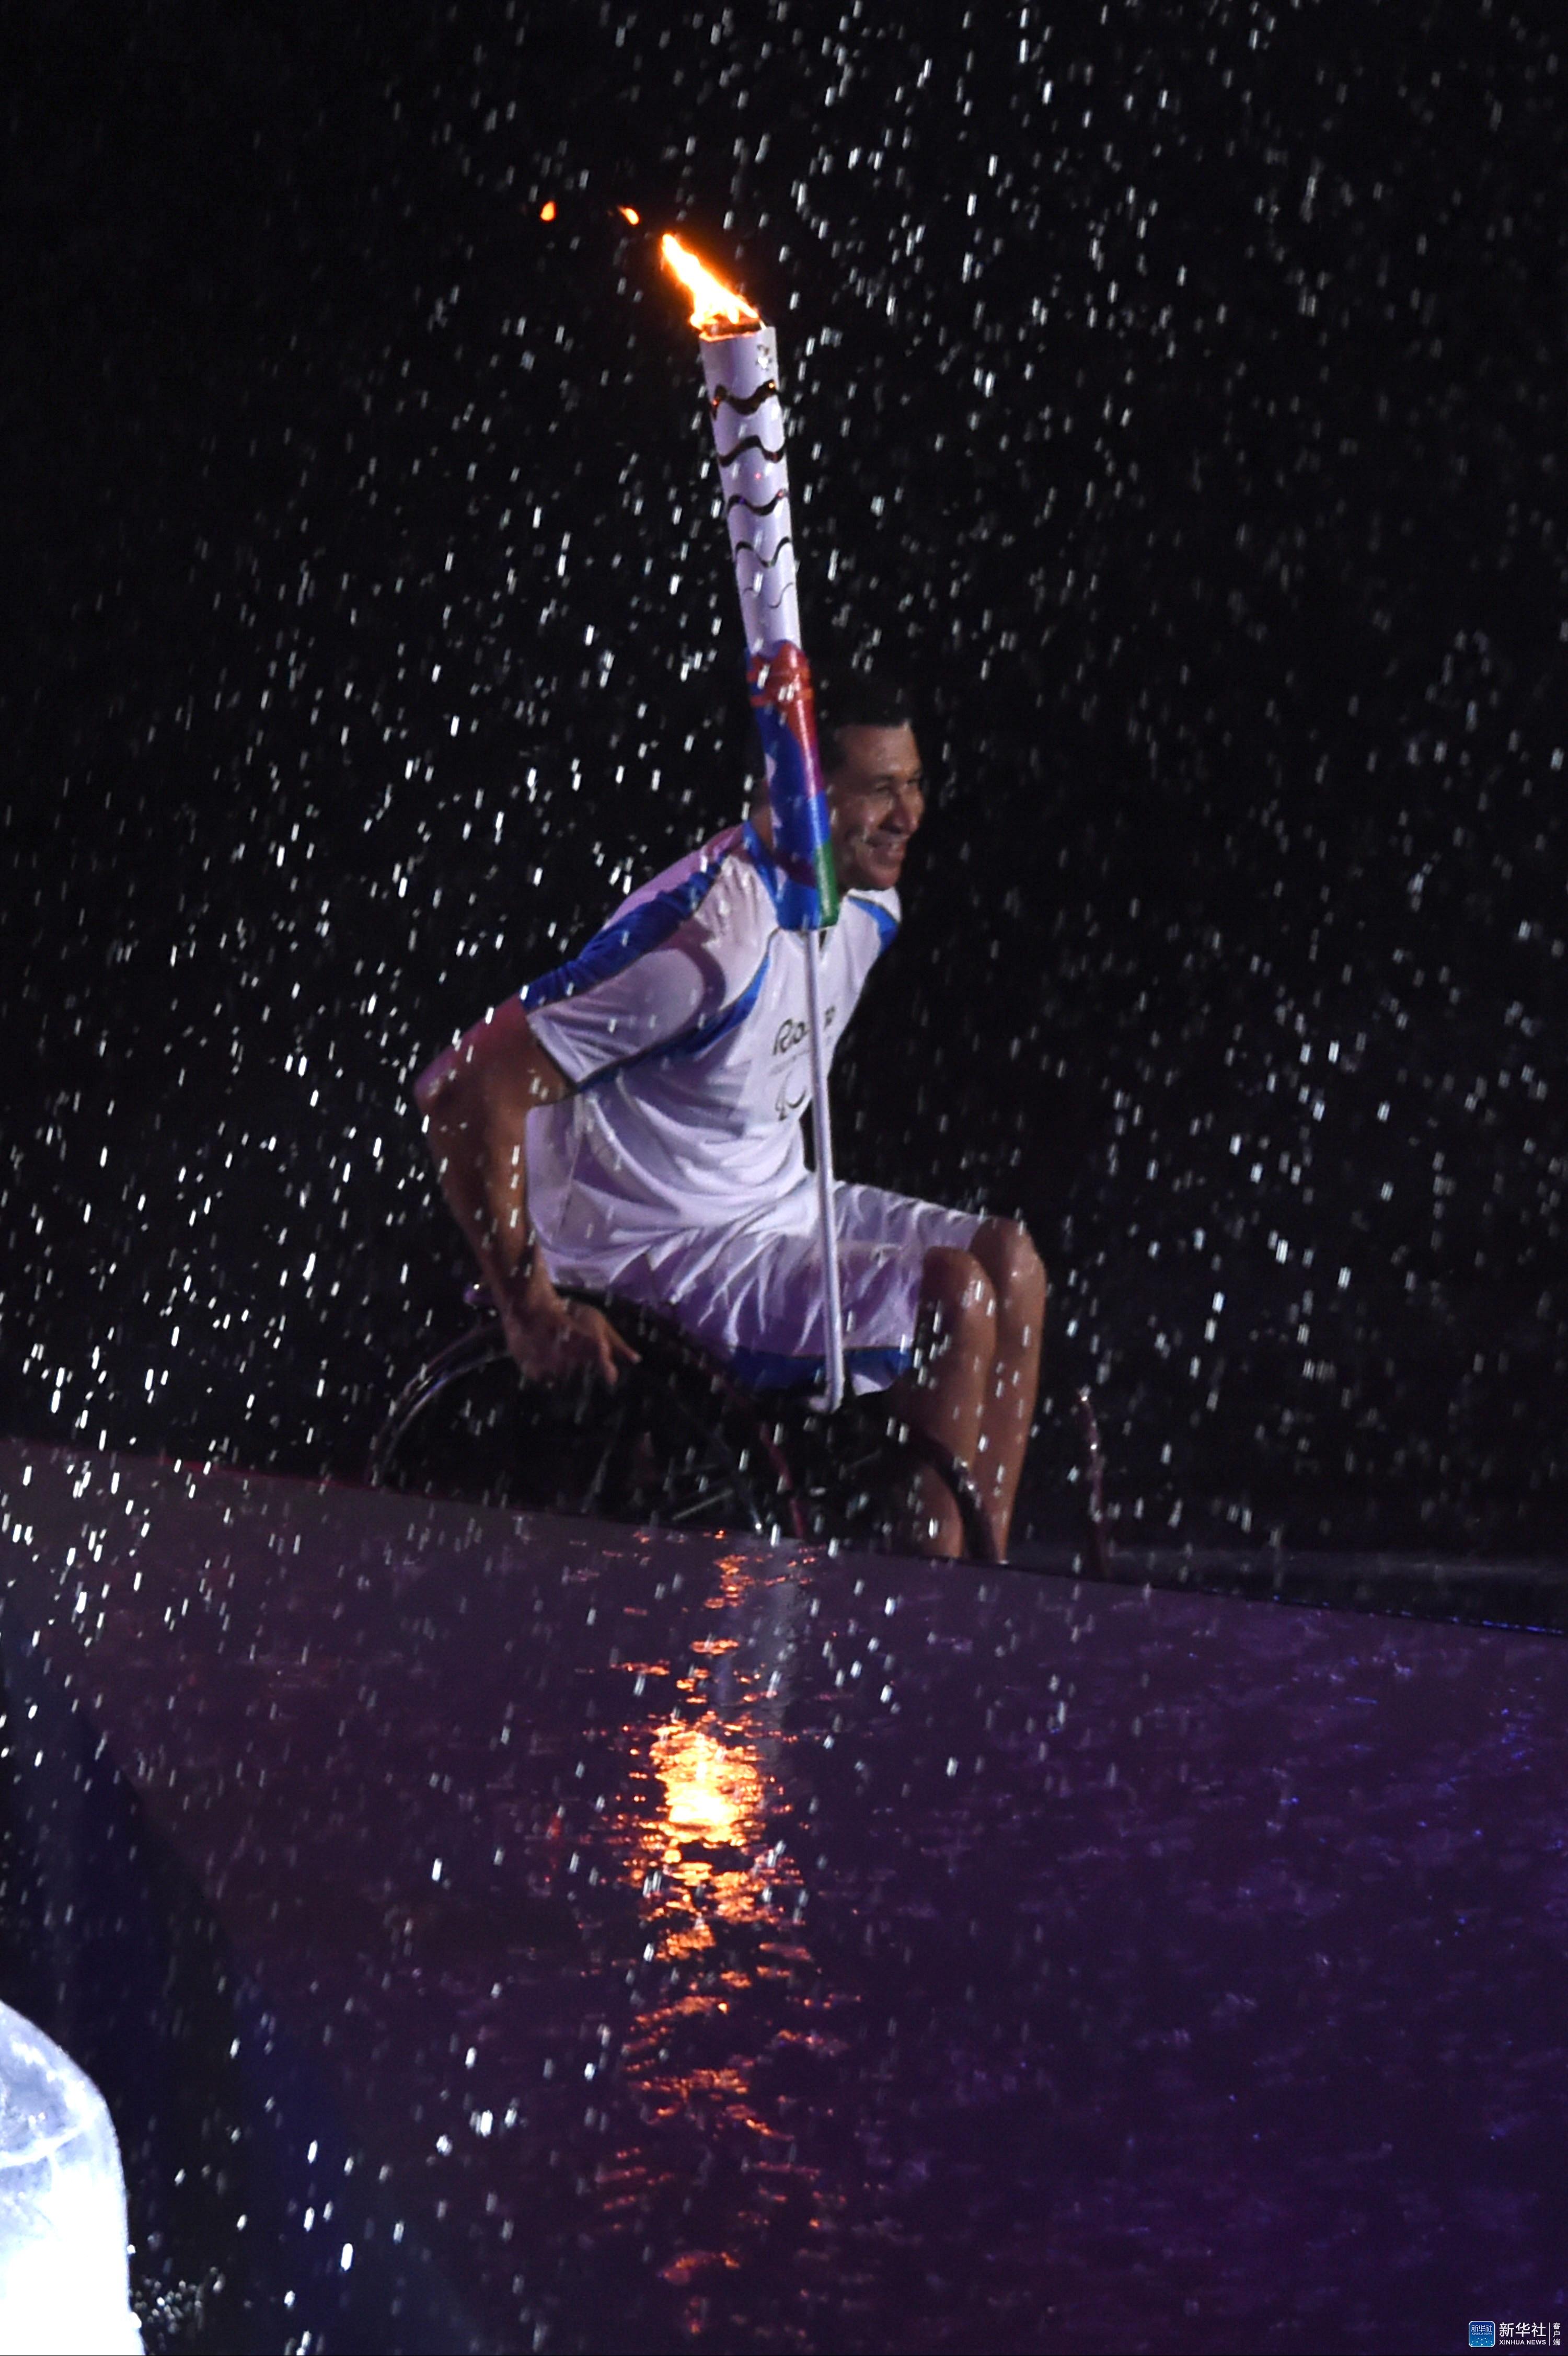 ,巴西残疾人游泳运动员席尔瓦向主火炬进发。当日,第十五届夏季残疾人奥林匹克运动会开幕式在巴西里约热内卢马拉卡纳体育场举行。 新华社记者欧东衢摄